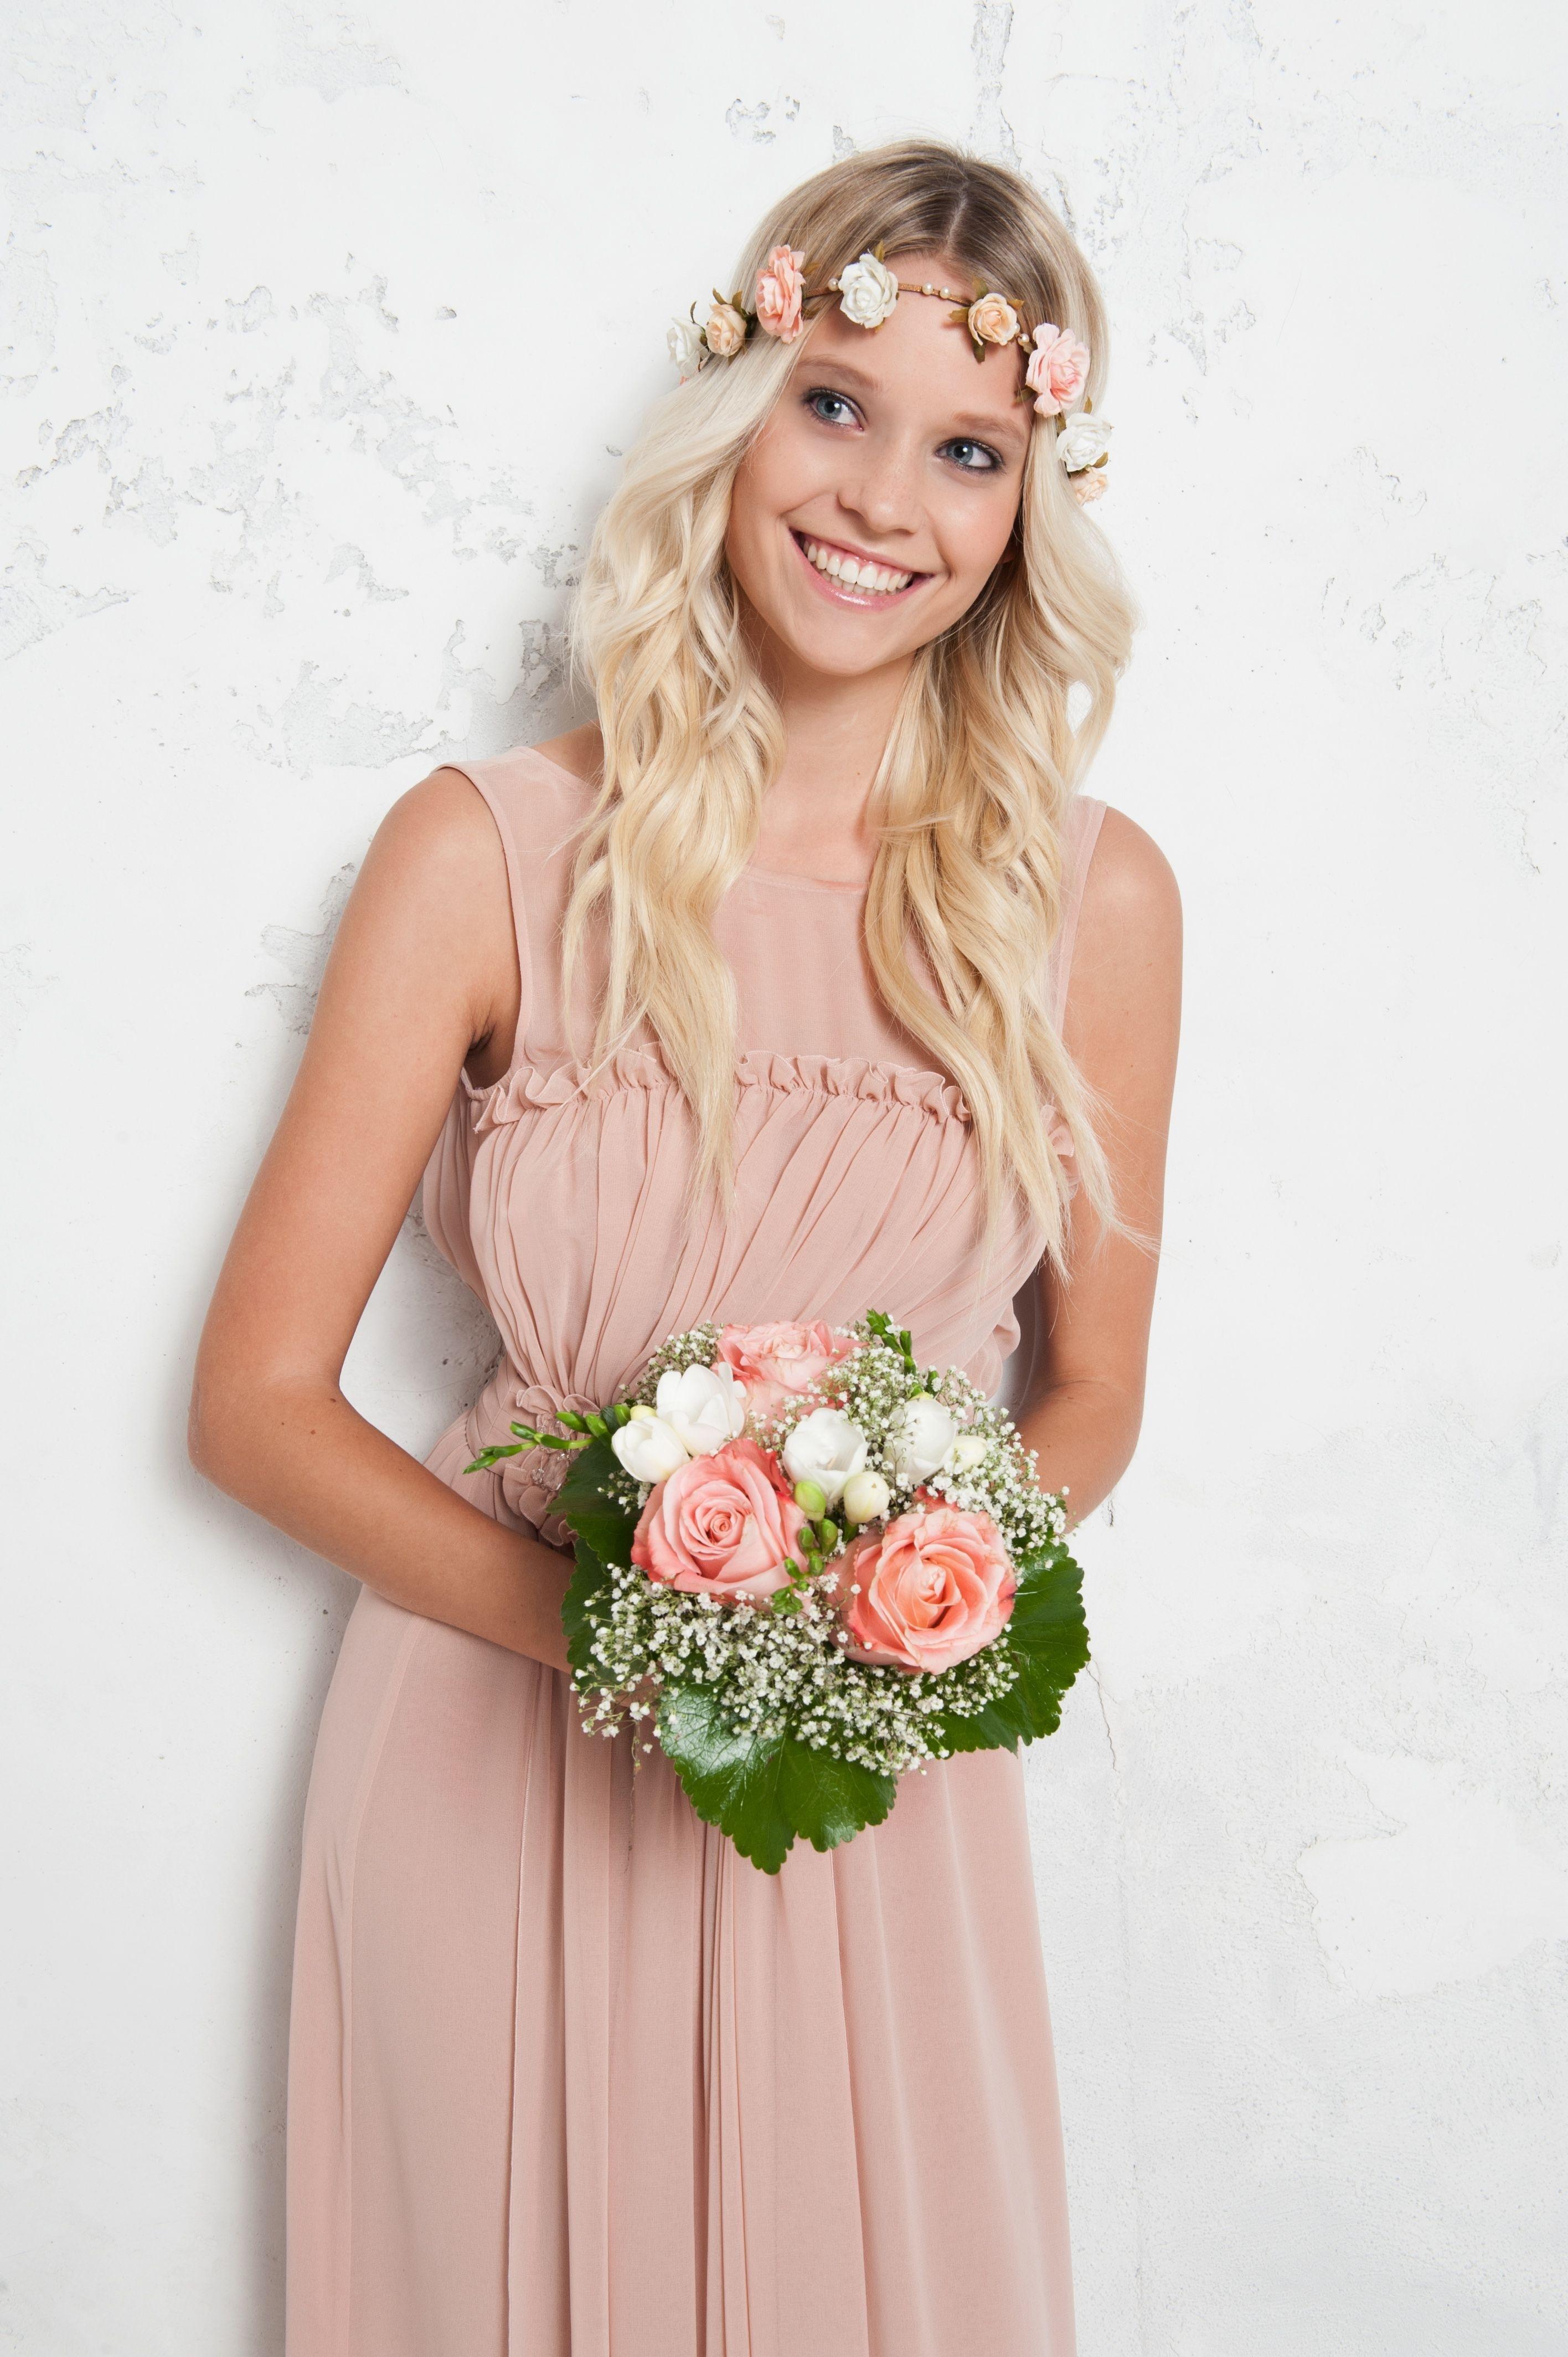 Designer Leicht Sommerkleid Für Hochzeit Bester PreisAbend Wunderbar Sommerkleid Für Hochzeit Stylish